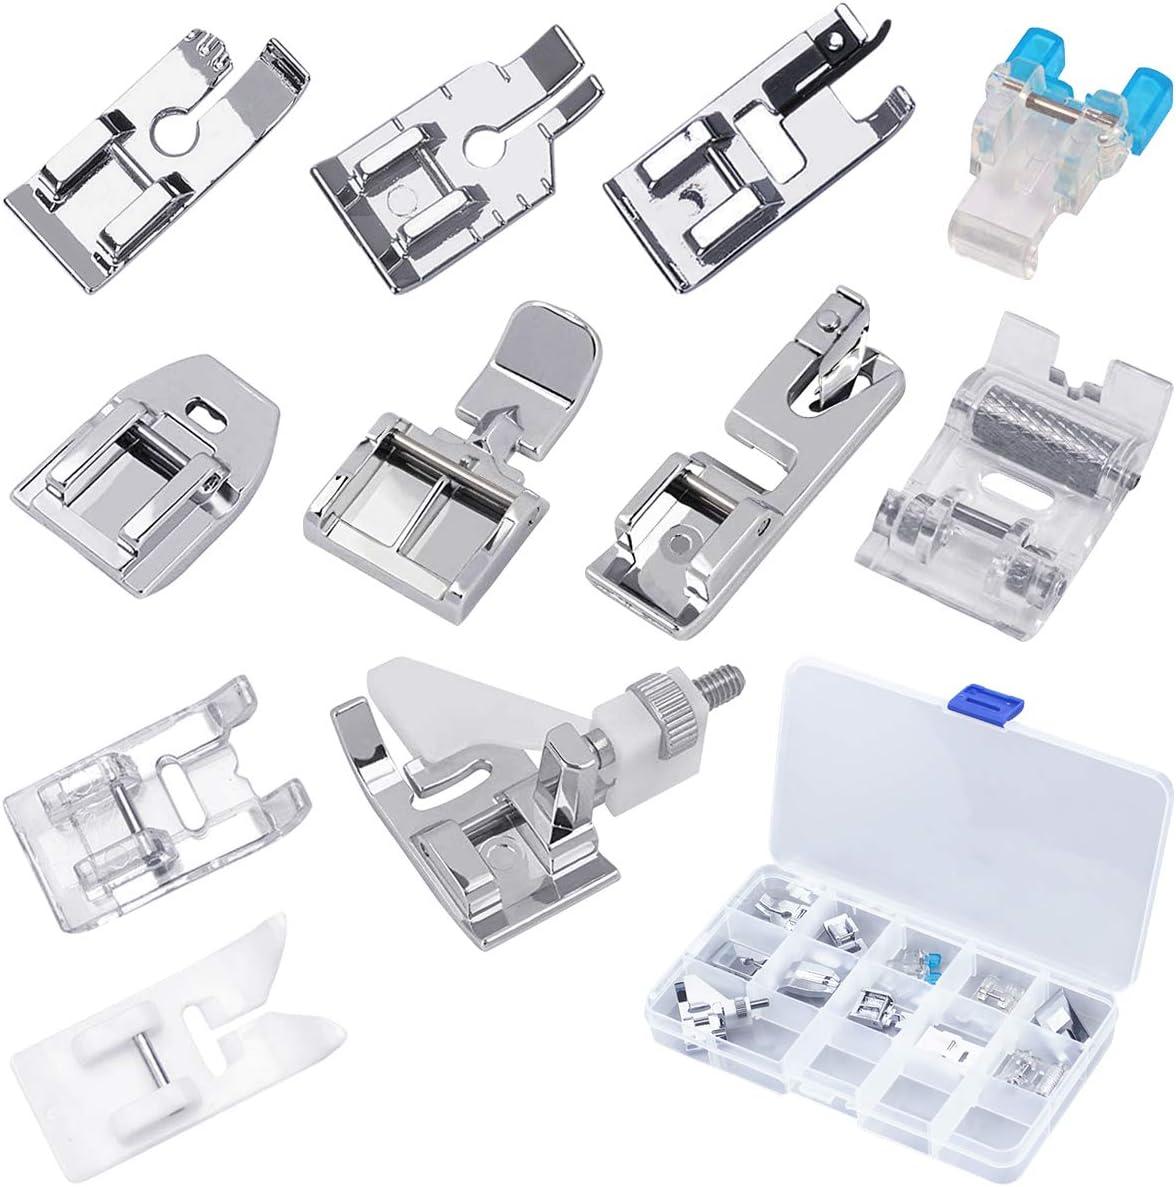 Kit de piezas de repuesto para prensatelas multifunción, Netspower Juego de accesorios para pies prensatelas de 11 piezas Conjunto de accesorios para el hogar de la máquina de coser con caja